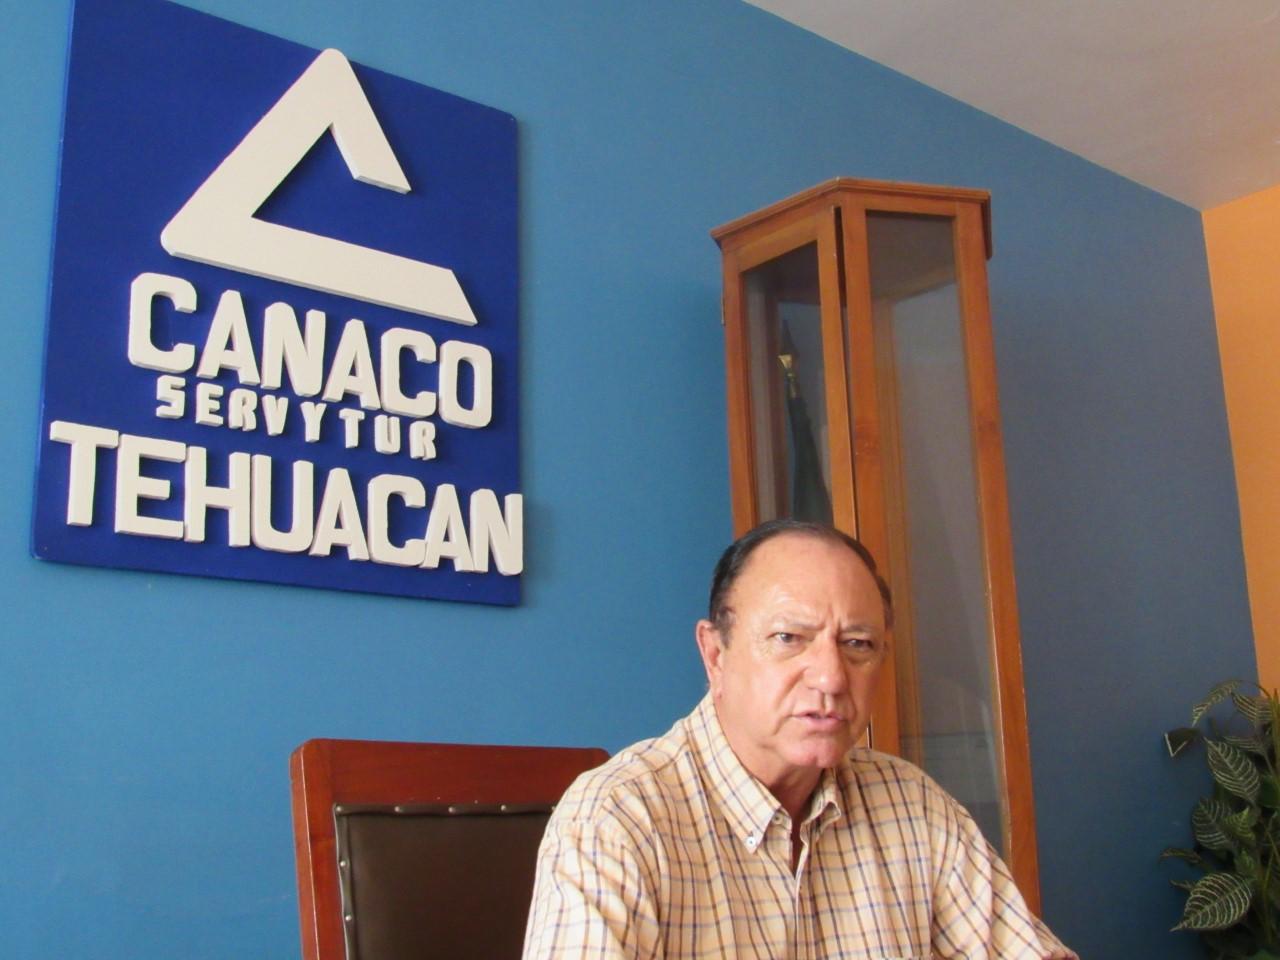 Por inseguridad, cierran 20 % de los negocios en Tehuacán y Tecamachalco